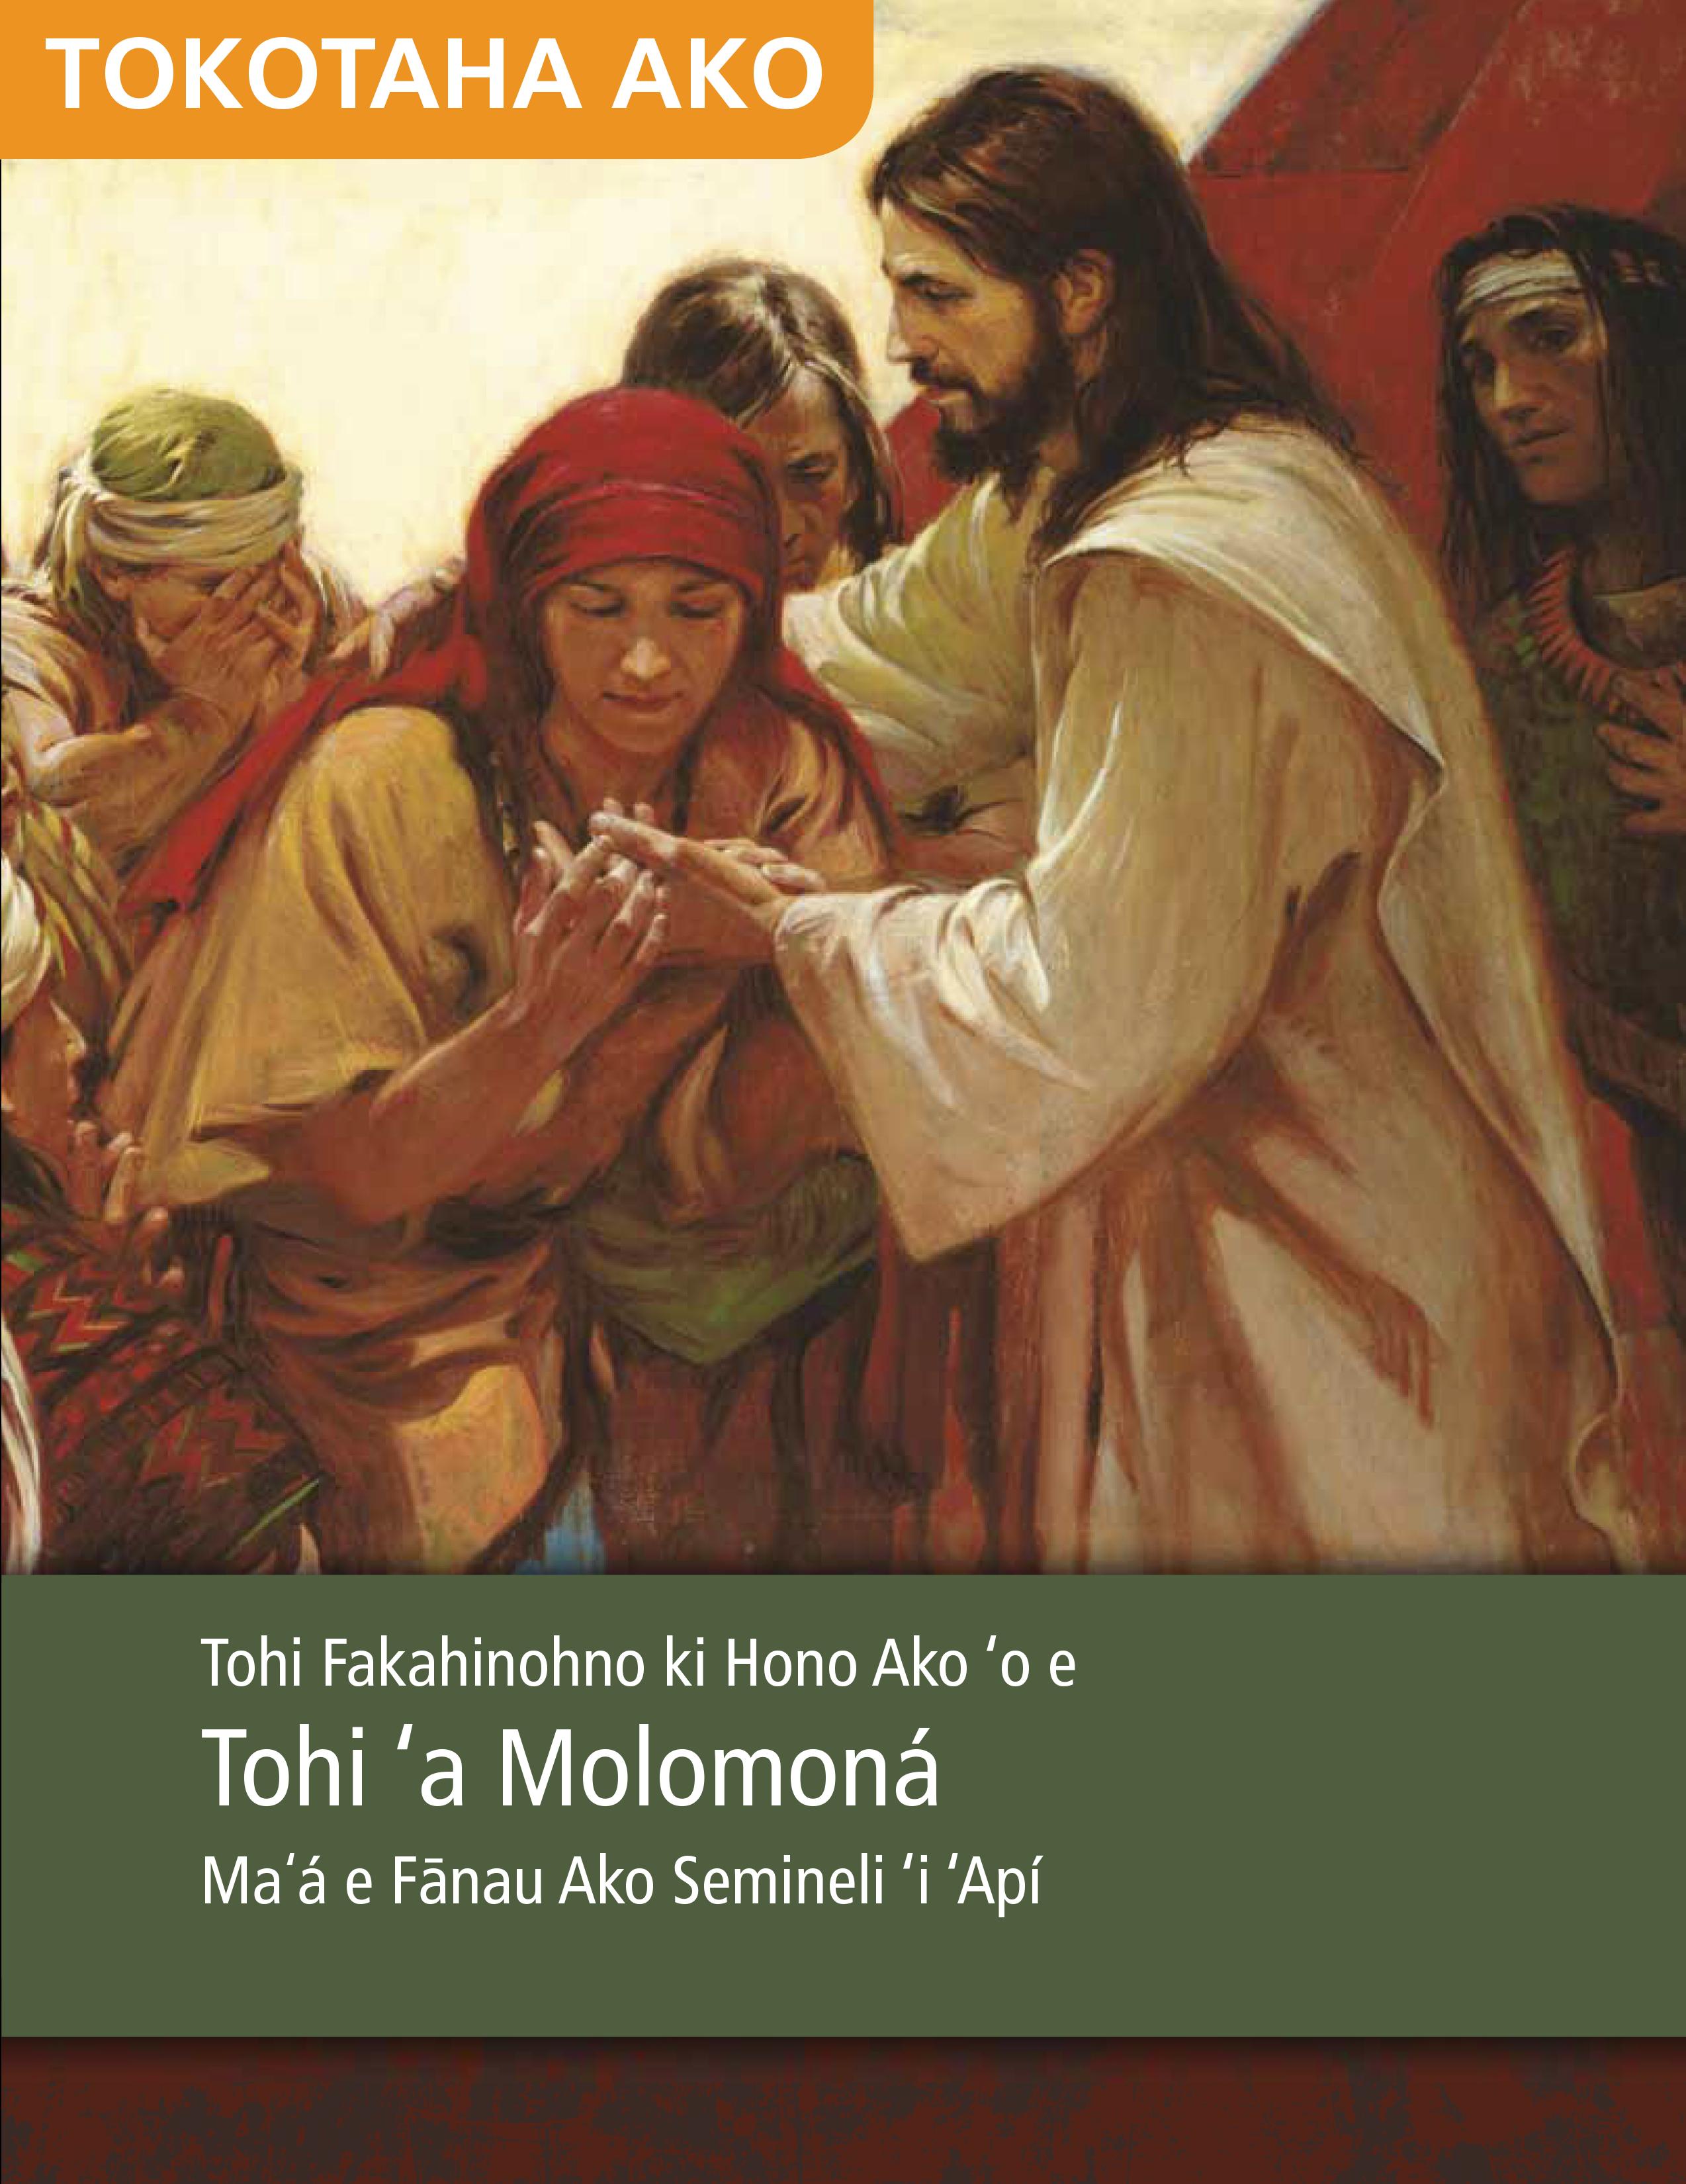 Tohi Fakahinohno ki Hono Ako 'o e Tohi 'a Molomoná Maʻá e Fānau Ako Semineli 'i 'Apí